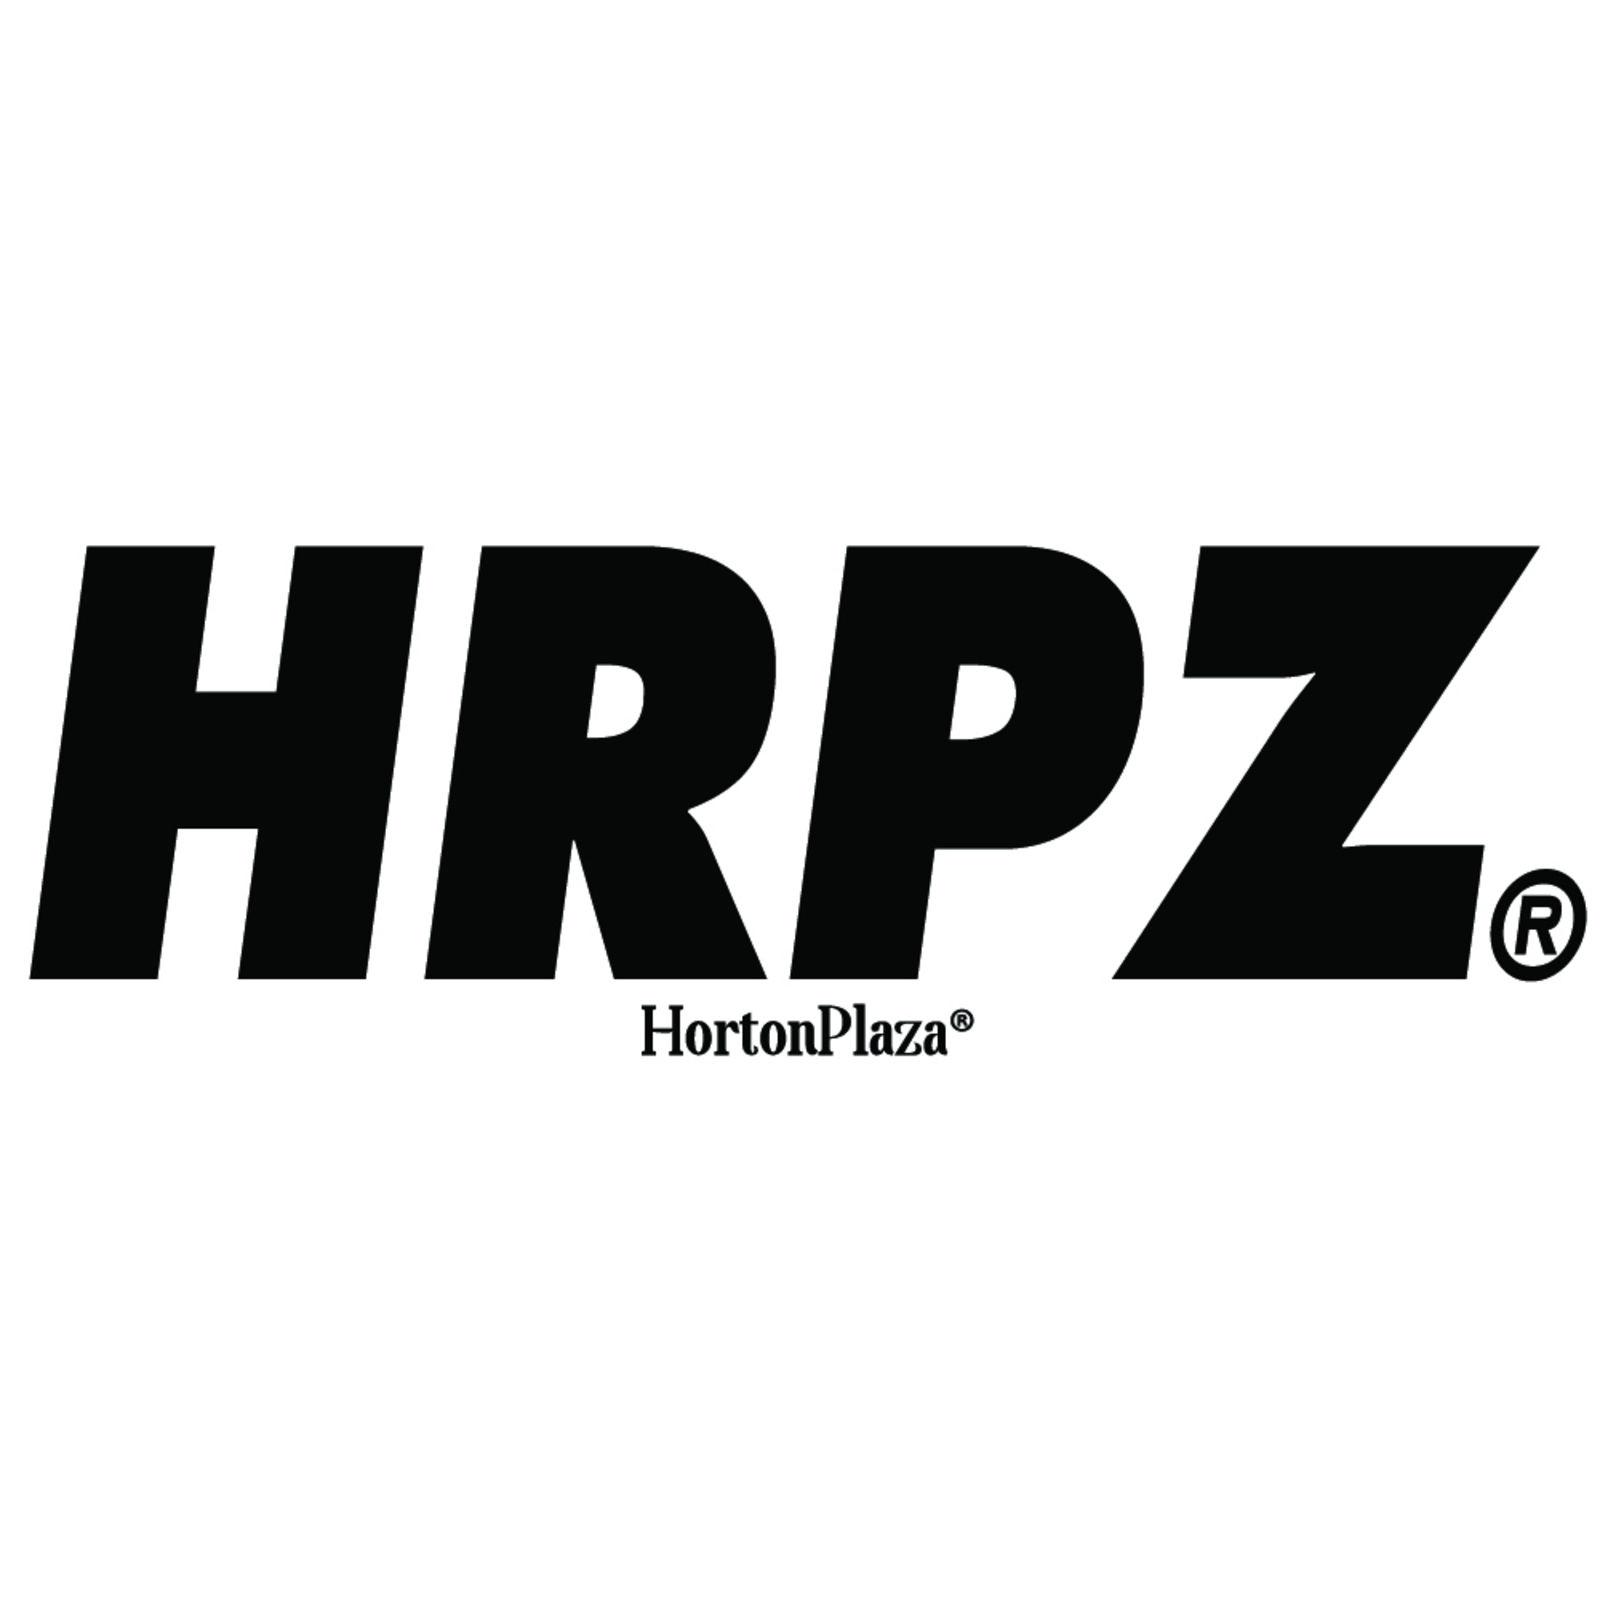 HRPZ®